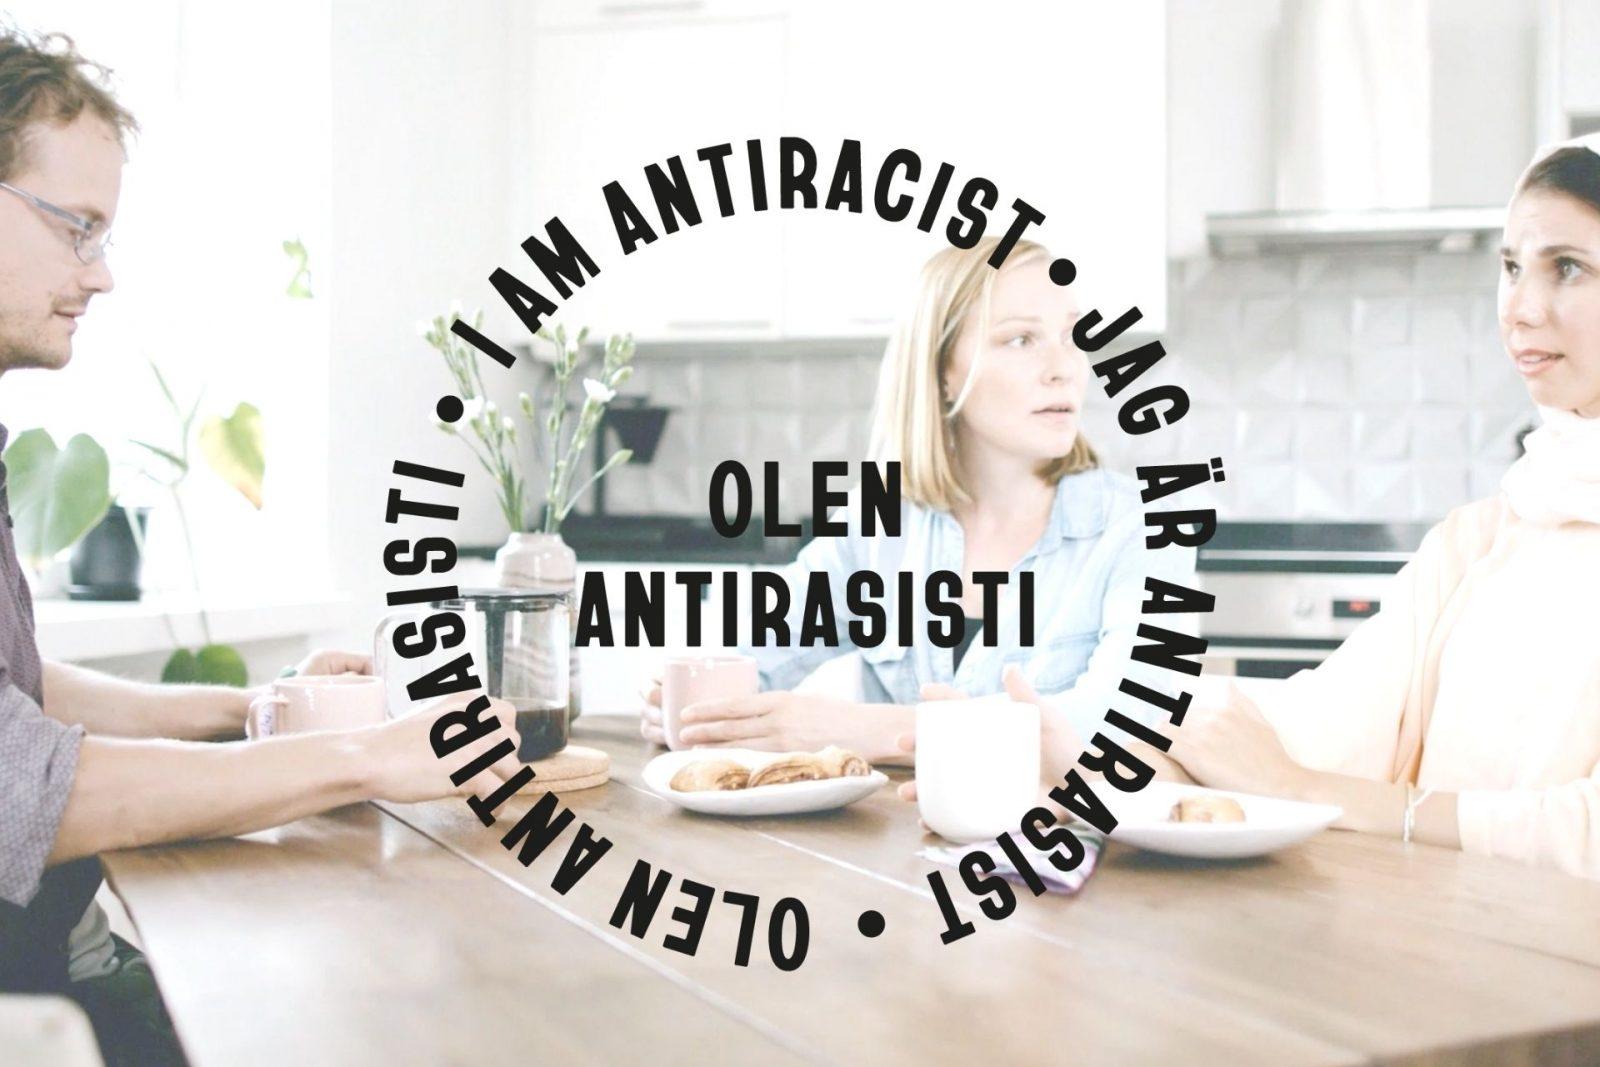 Kaksi naista ja mies istuvat kahvipöydässä. Kuvan päällä lukee olen antirasisti.